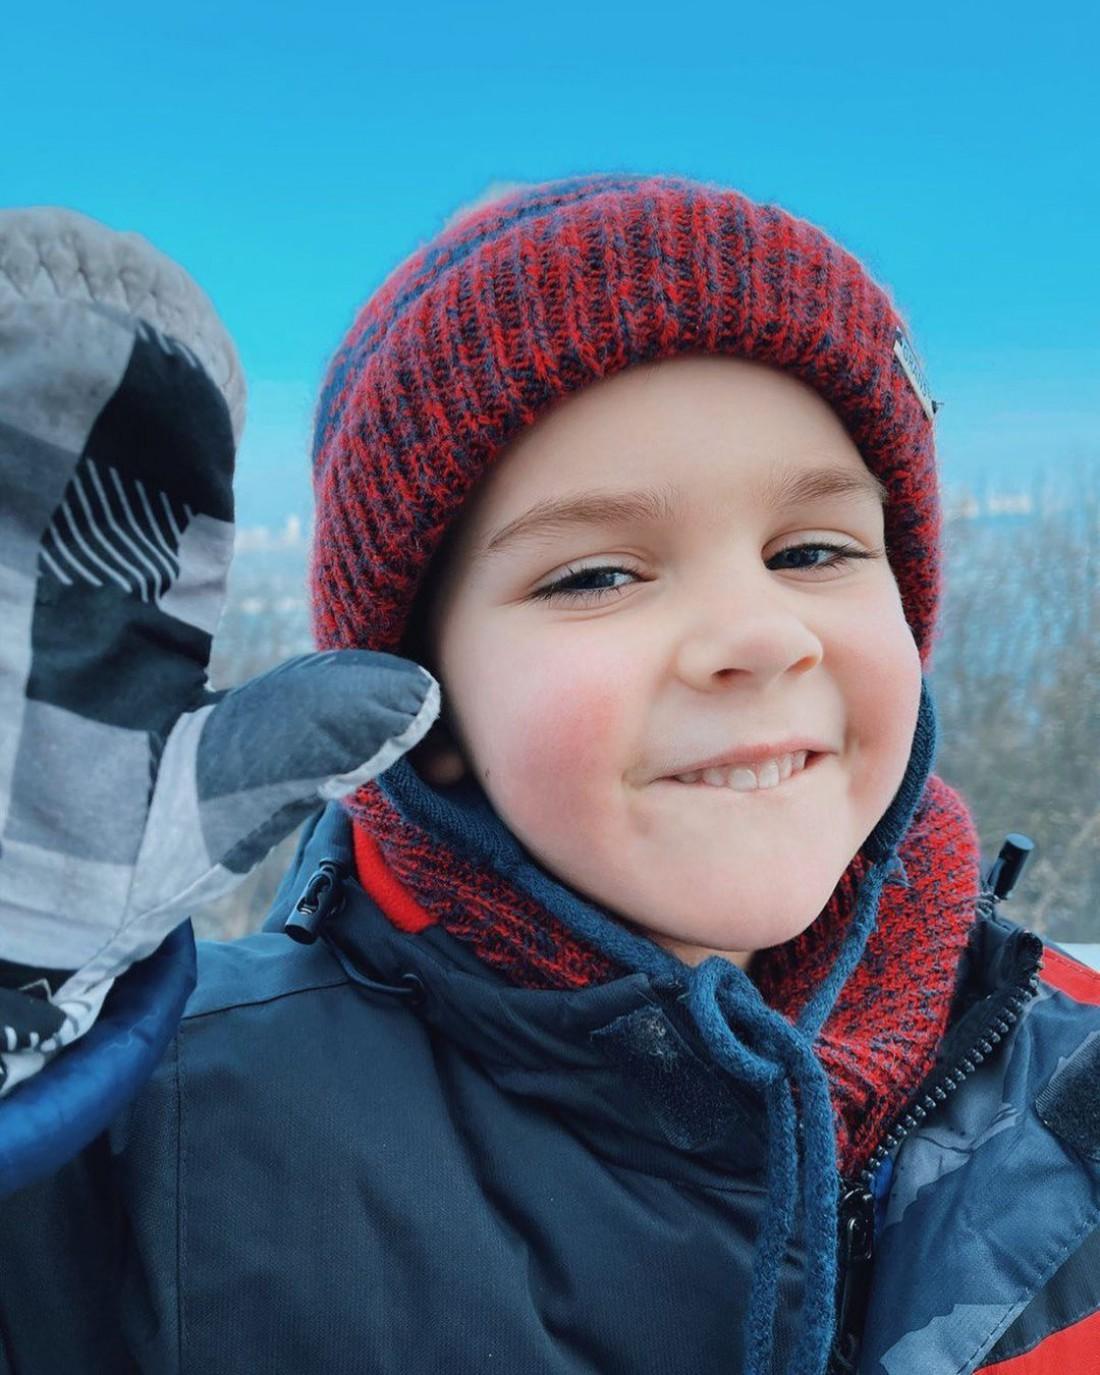 Юлия Санина показала 5-летнего сына